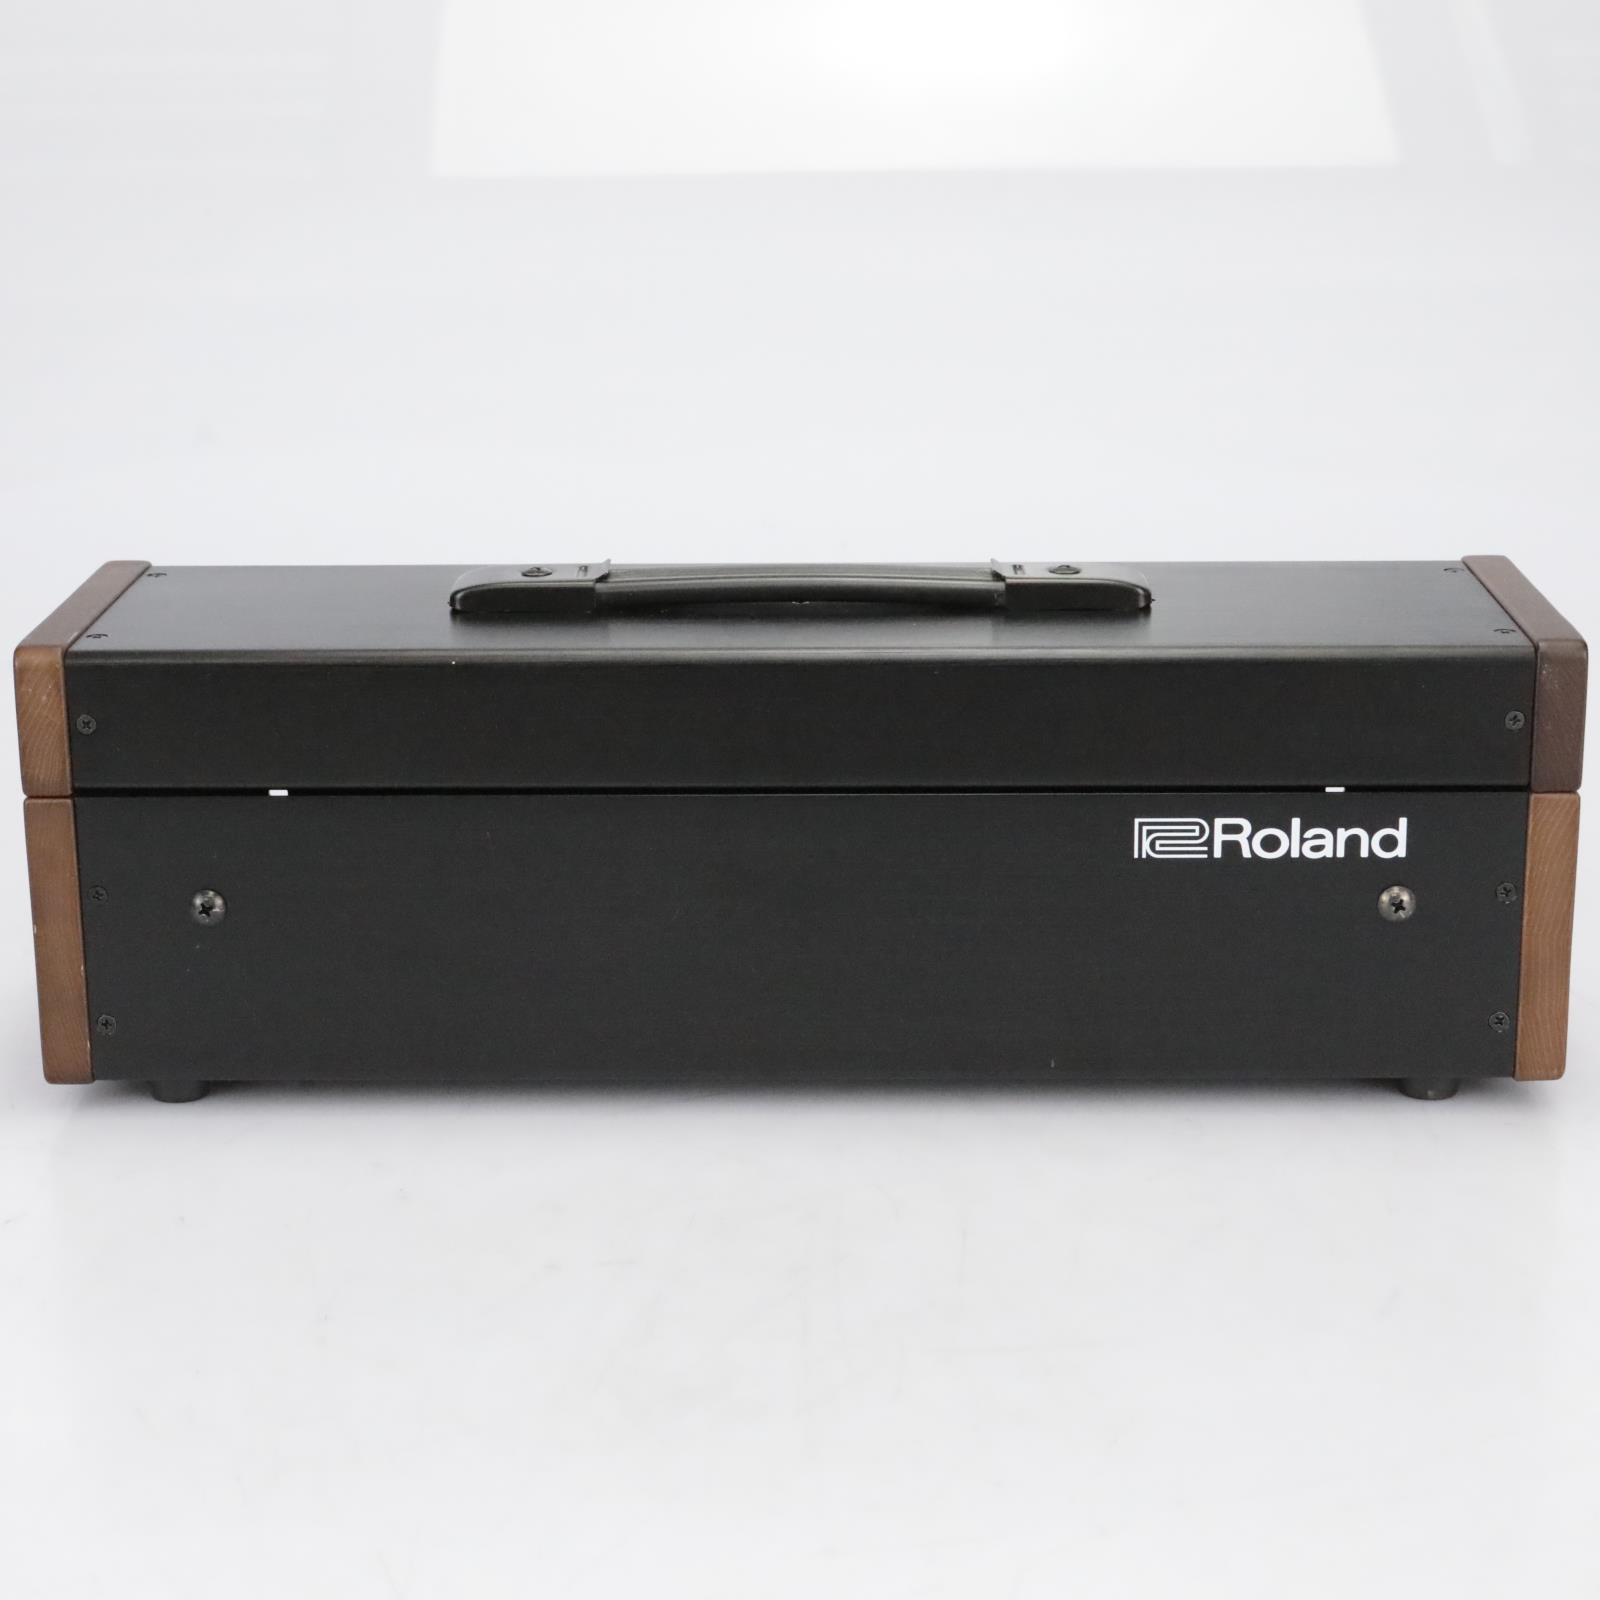 Roland SYR-E84 Eurorack Modular Synth Case #40925